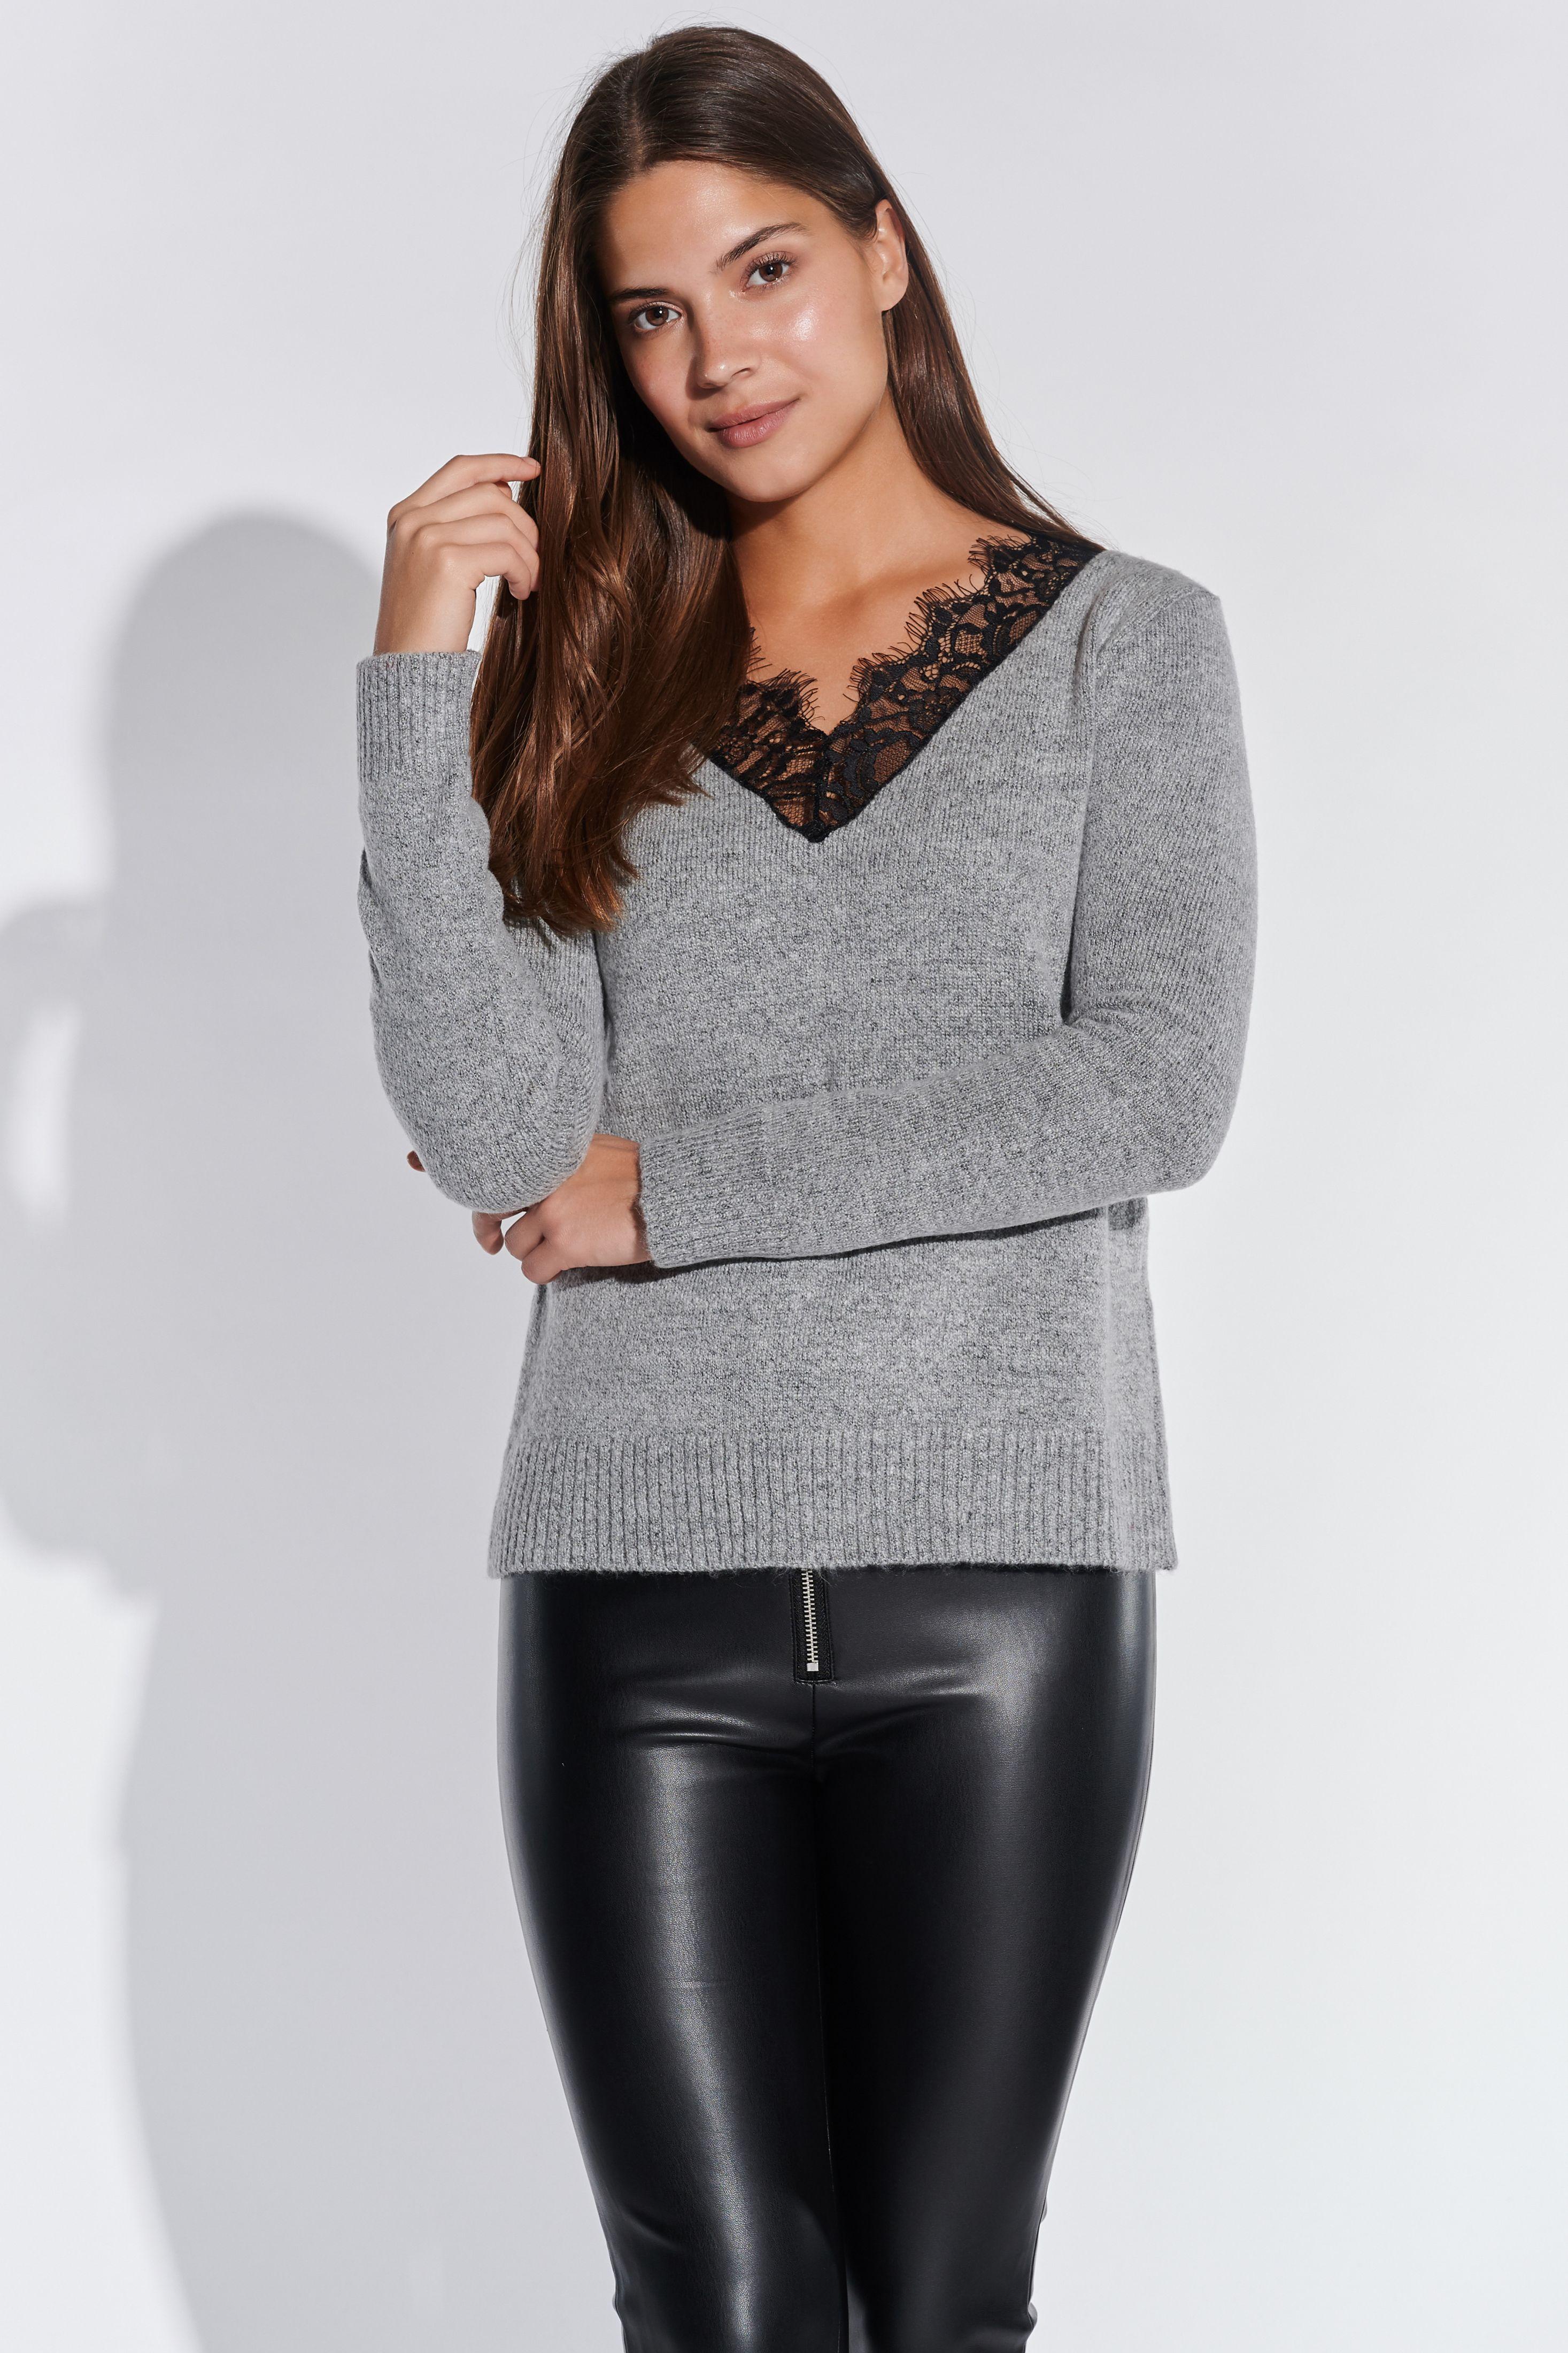 Vestino Damen V-Ausschnitt-Pullover mit Spitzeneinsatz Figurumspielend Spitze